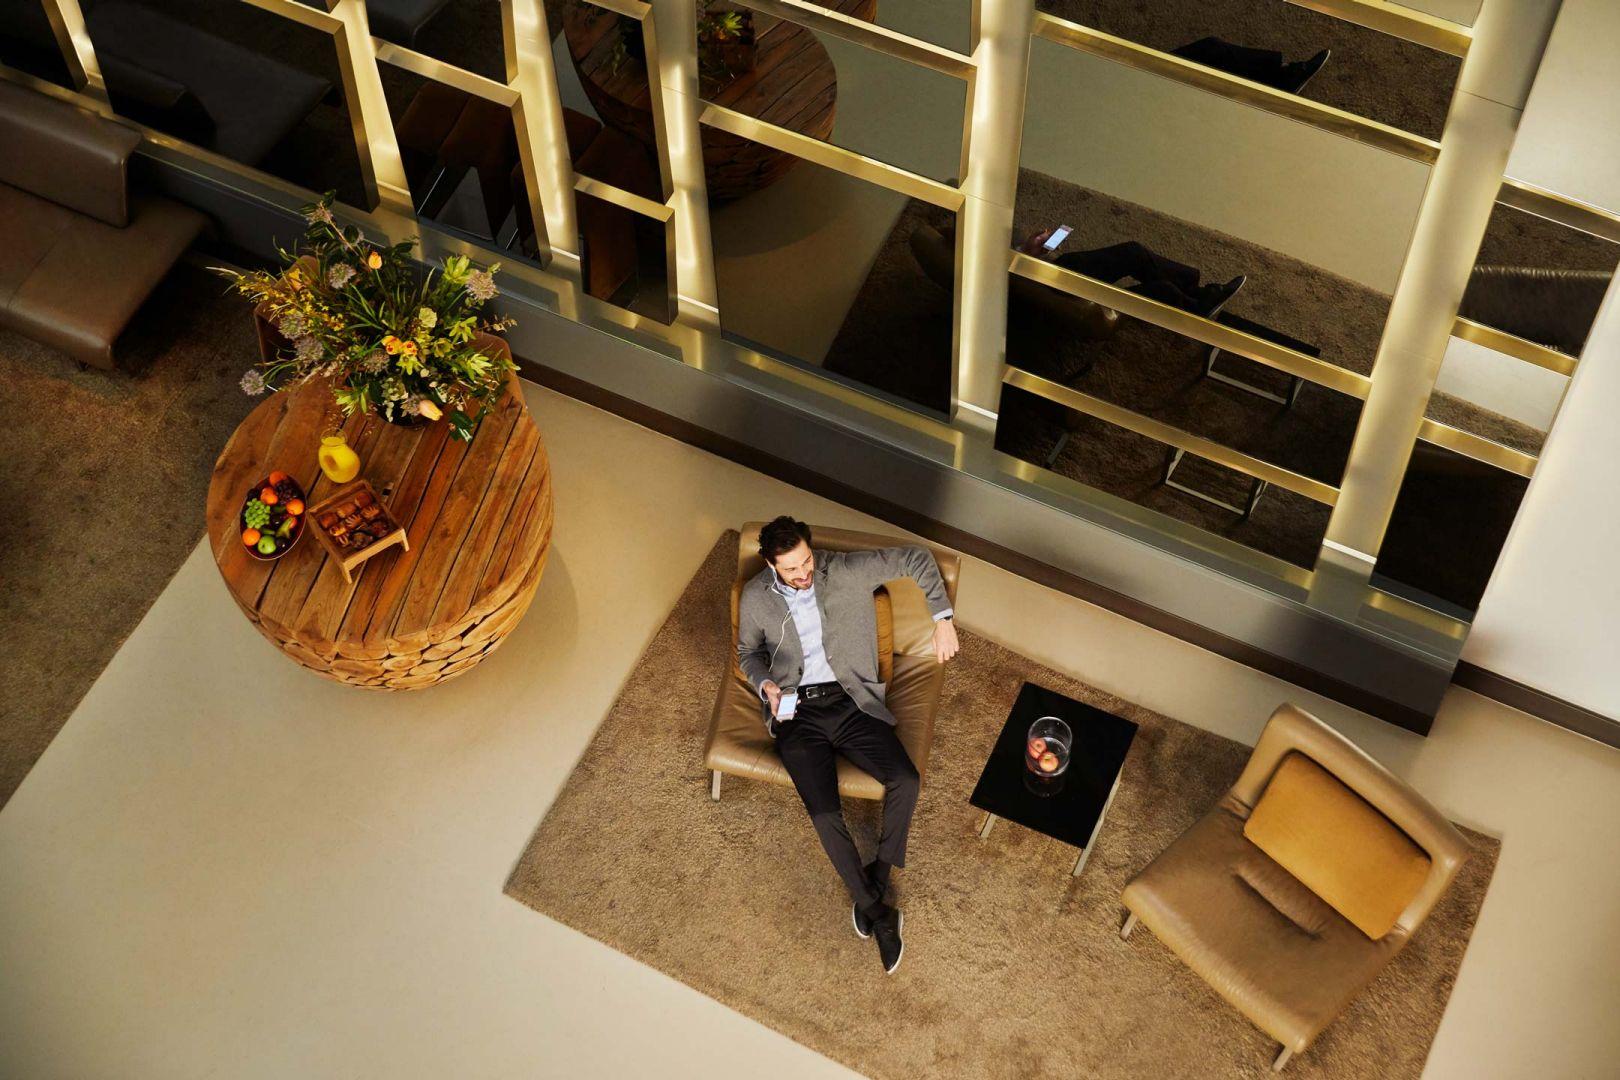 Hyatt House White Plains lobby